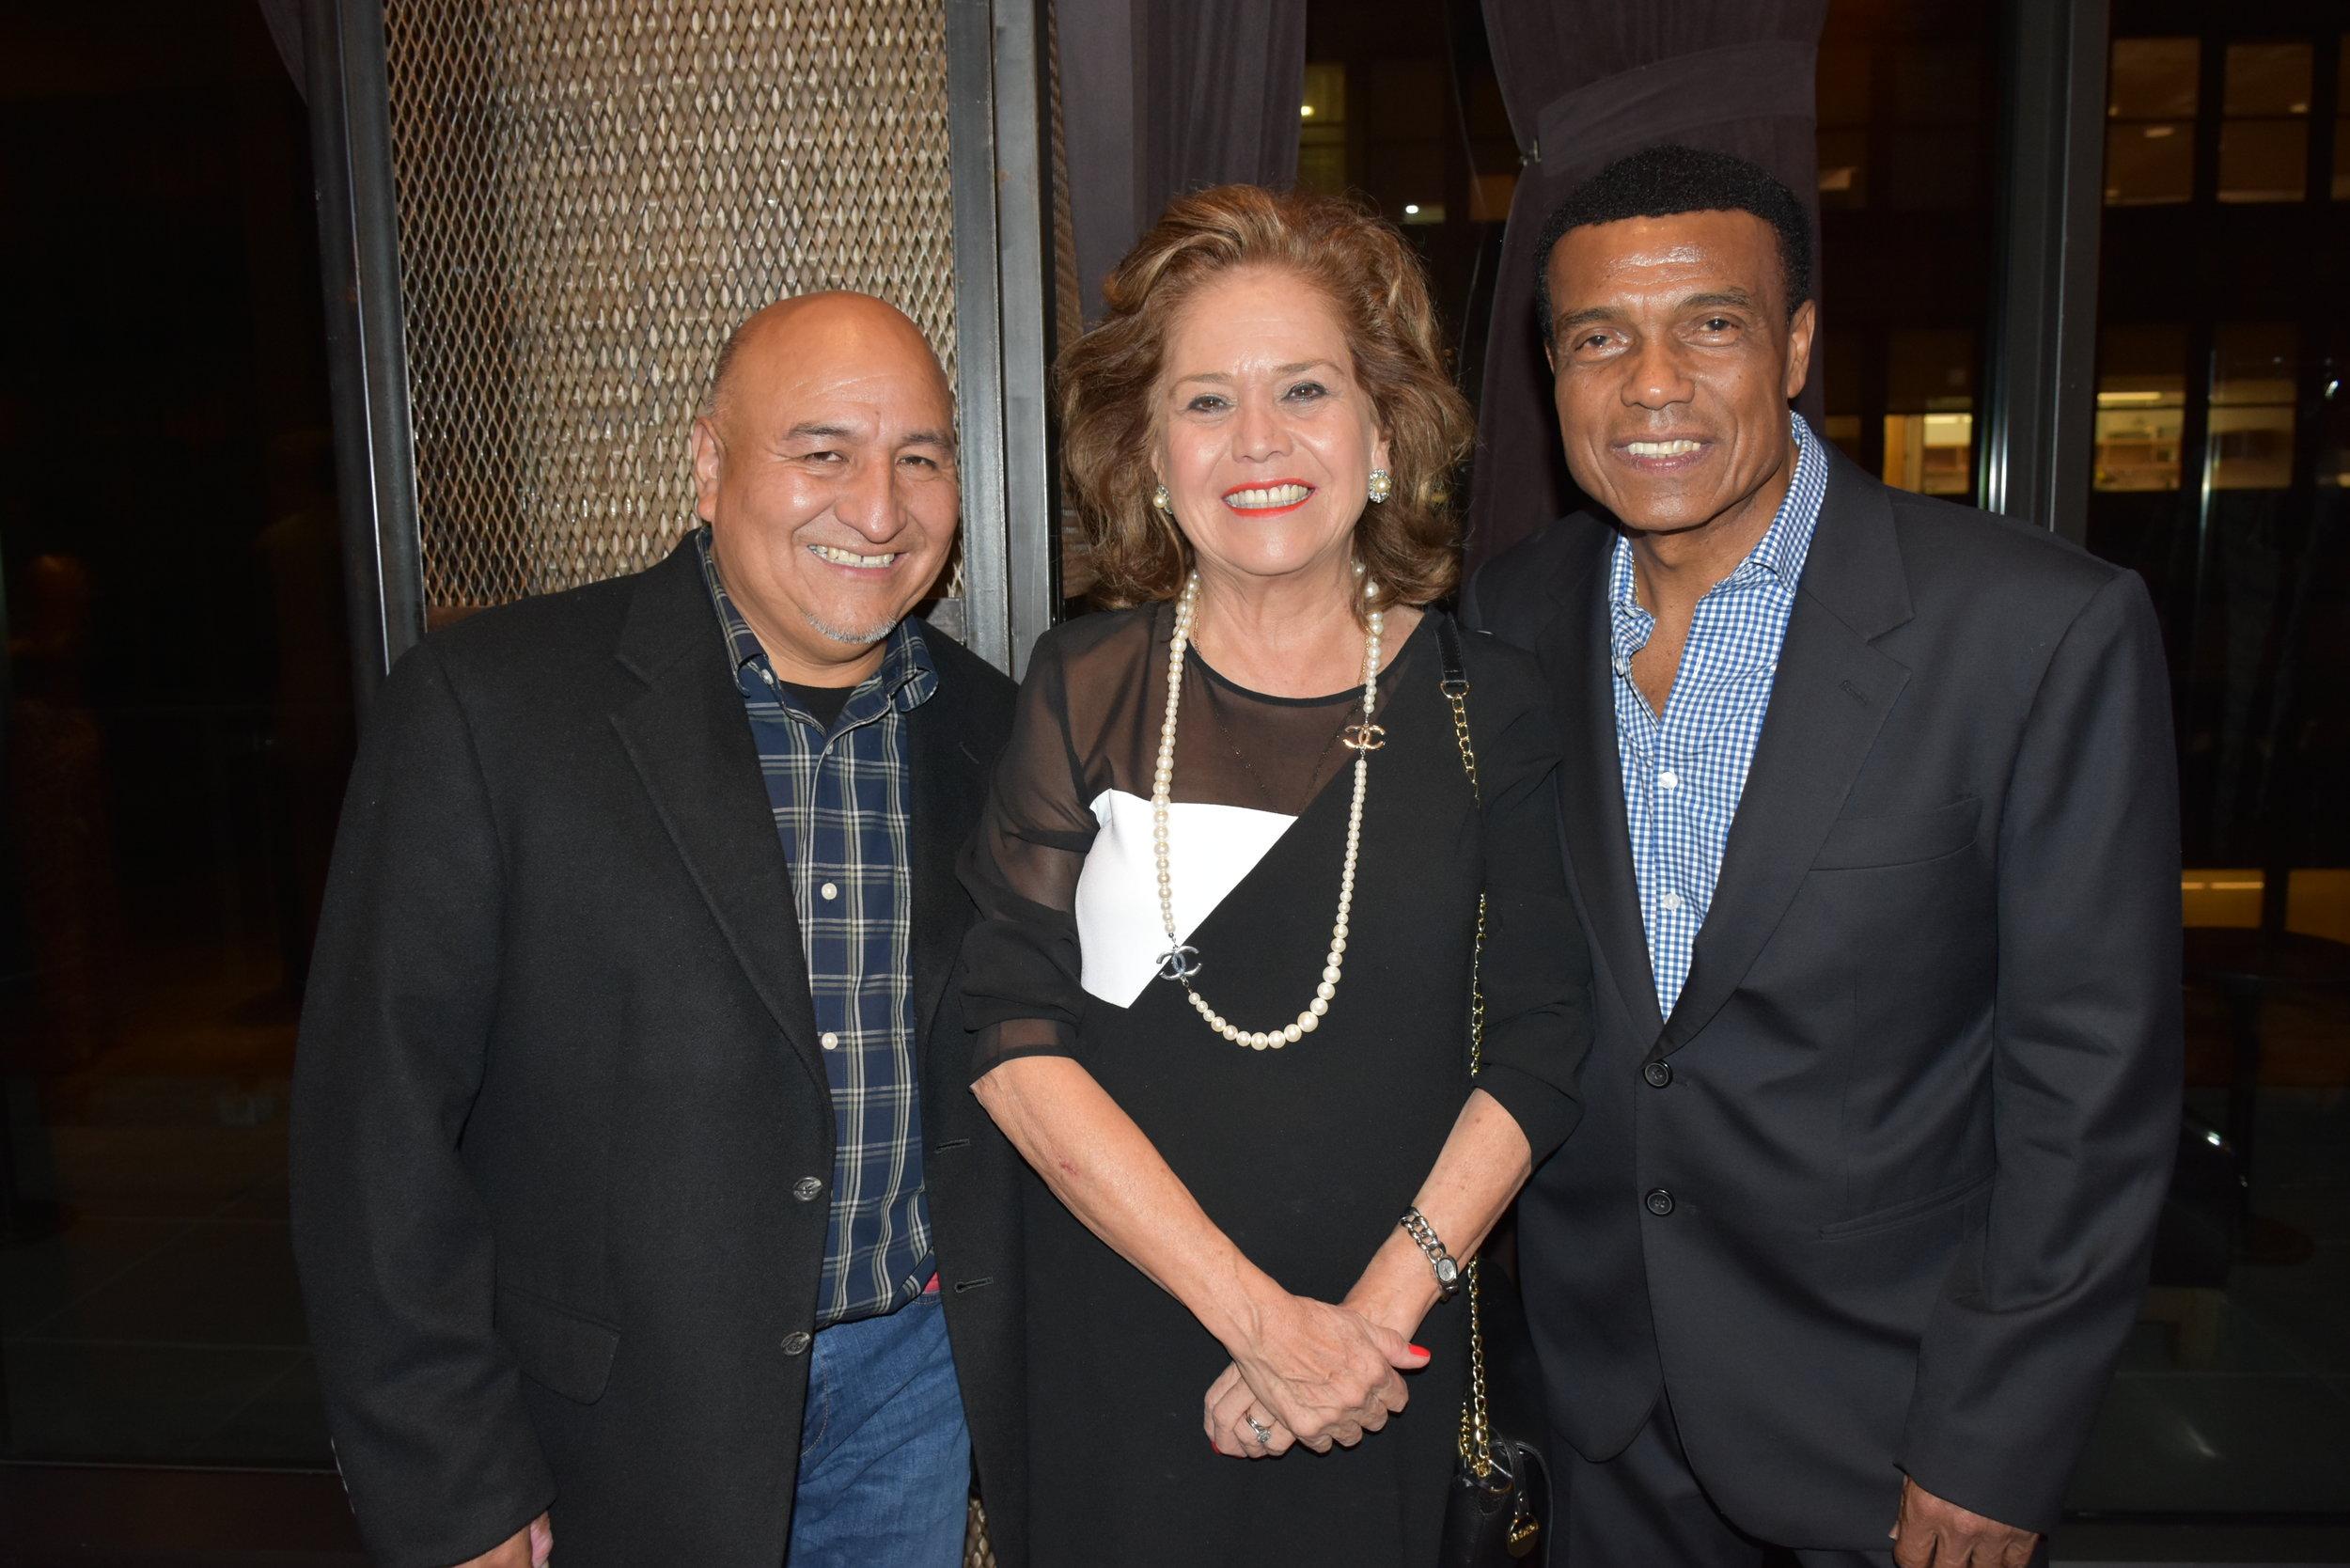 DSC_4688 - Augusto Yallico, Maria Teresa Merino de Hart (Consul General en NY) y Teofilo Cubillas.JPG